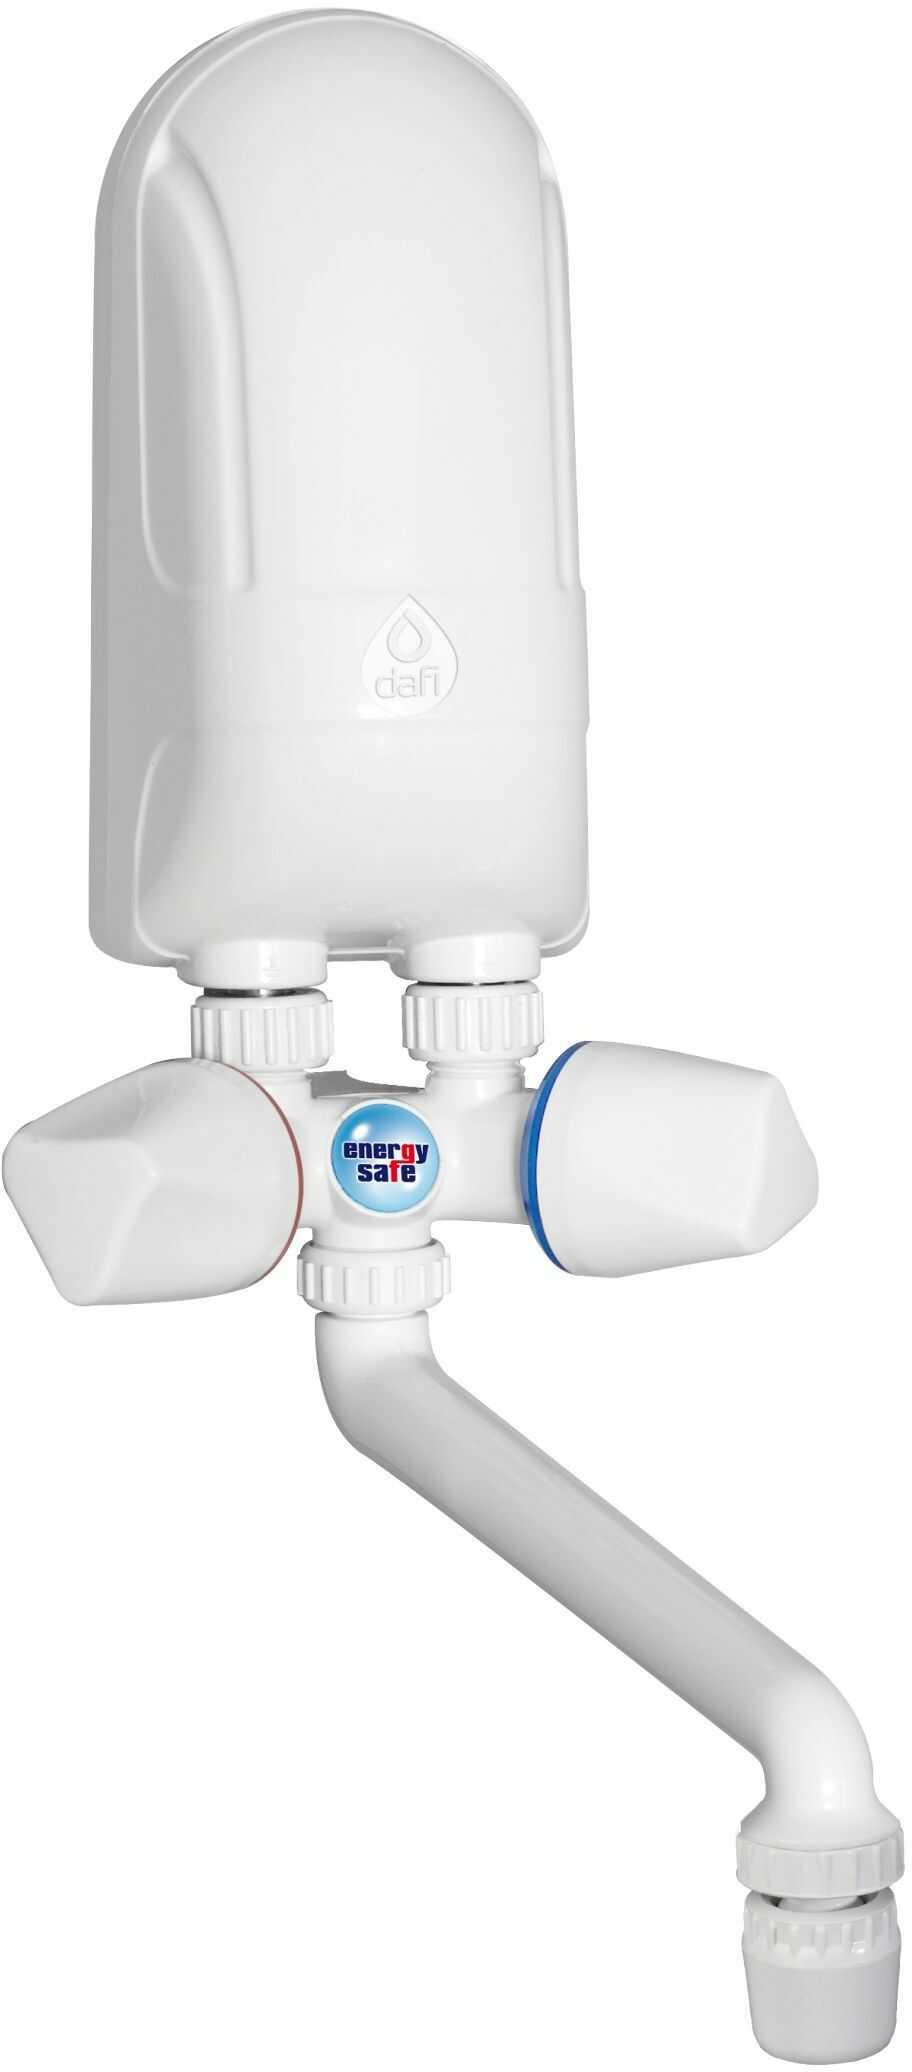 Elektryczny Momentalny Przepływowy Ogrzewacz Wody DAFI IPX5 - wersja z baterią z tworzywa sztucznego w kolorze białym